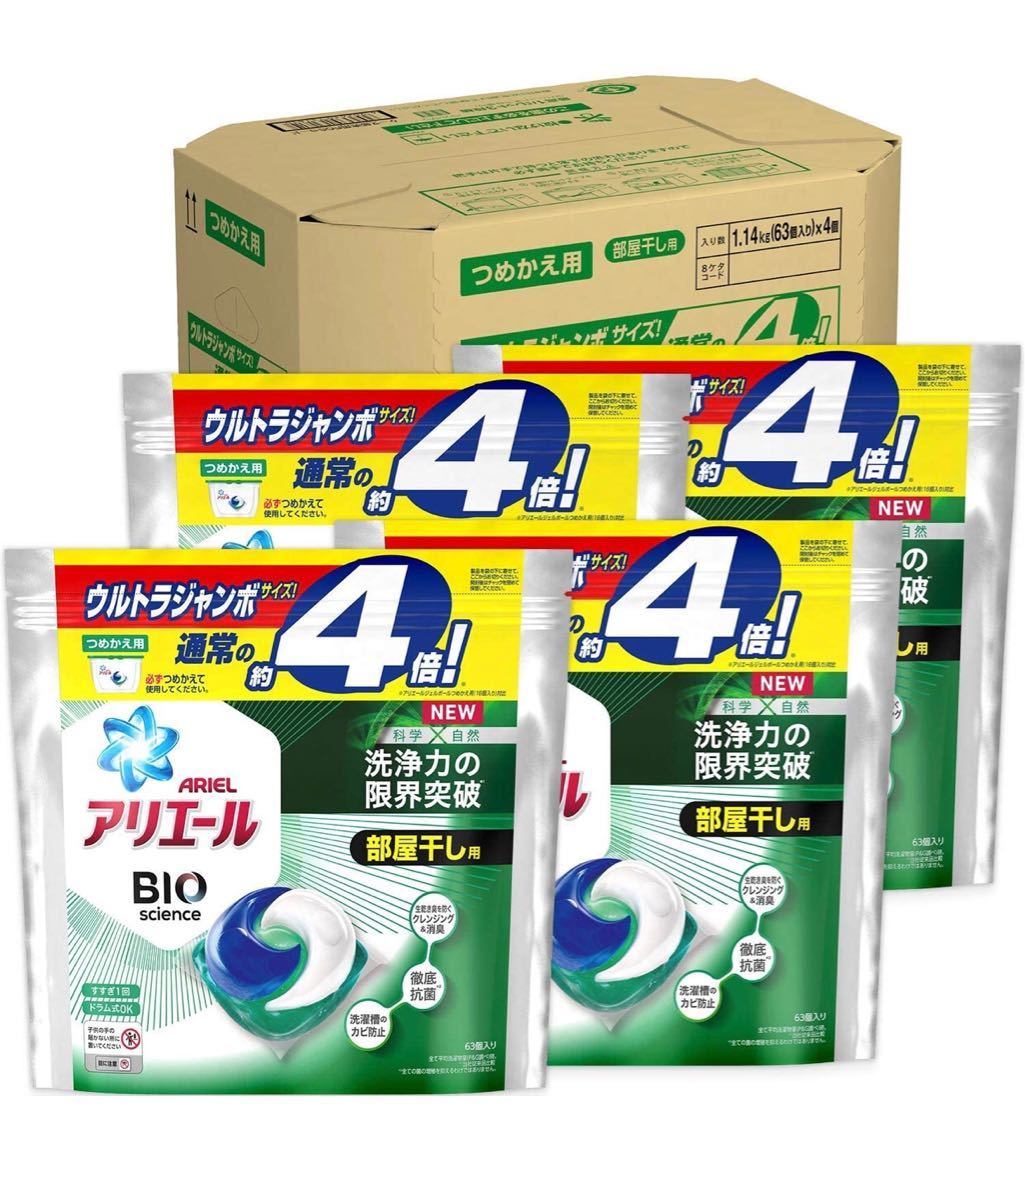 【ケース販売】アリエールバイオサイエンス 部屋干し 洗濯洗剤 ジェルボール 抗菌&菌のエサまで除去 詰め替え 63個 約4倍×4袋